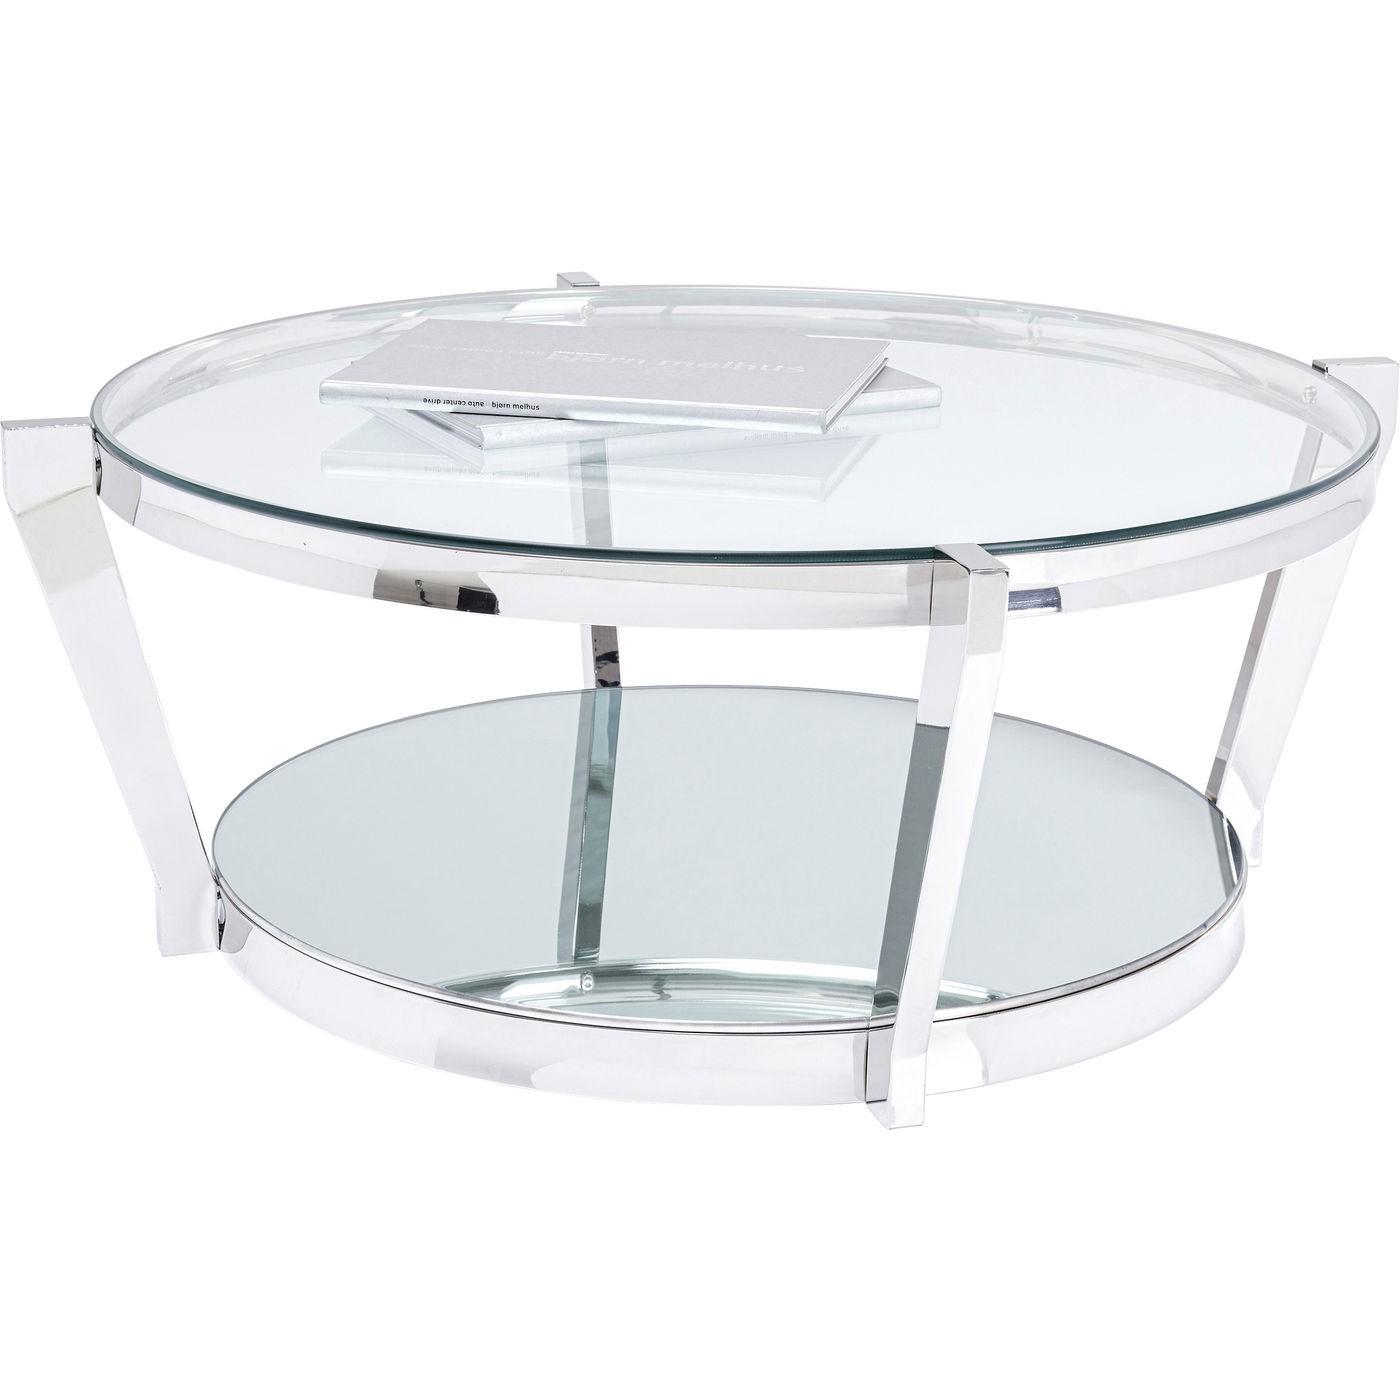 Table basse Monocolo 90cm chromée Kare Design